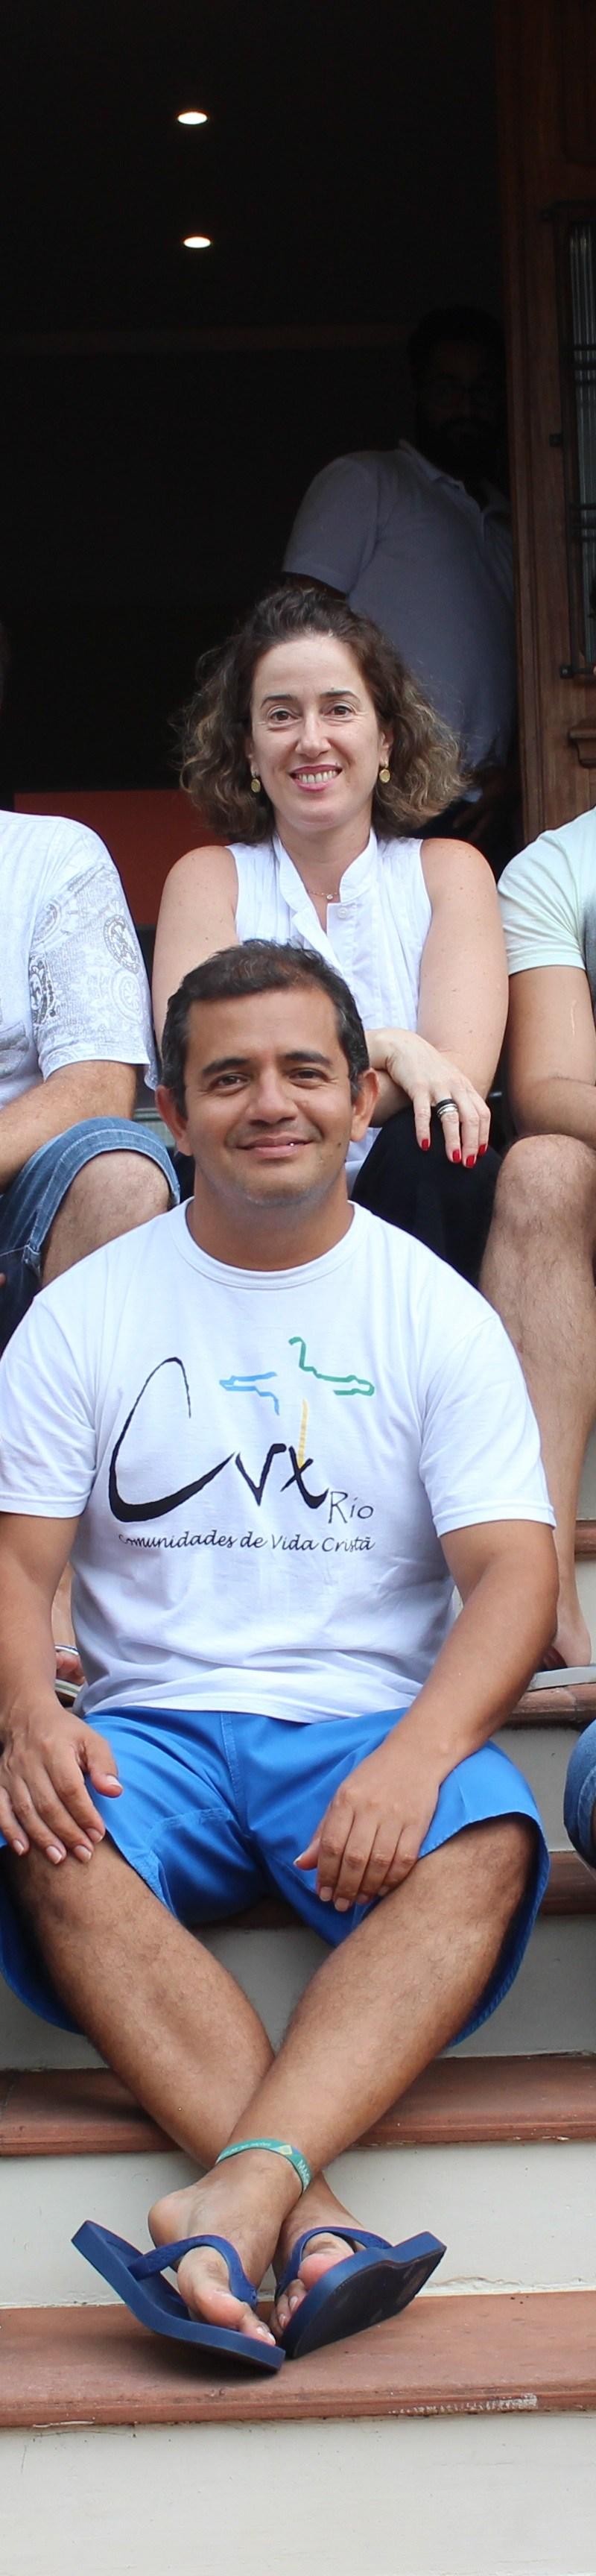 Criação do Secretariado Nacional de Juventude da CVX Brasil